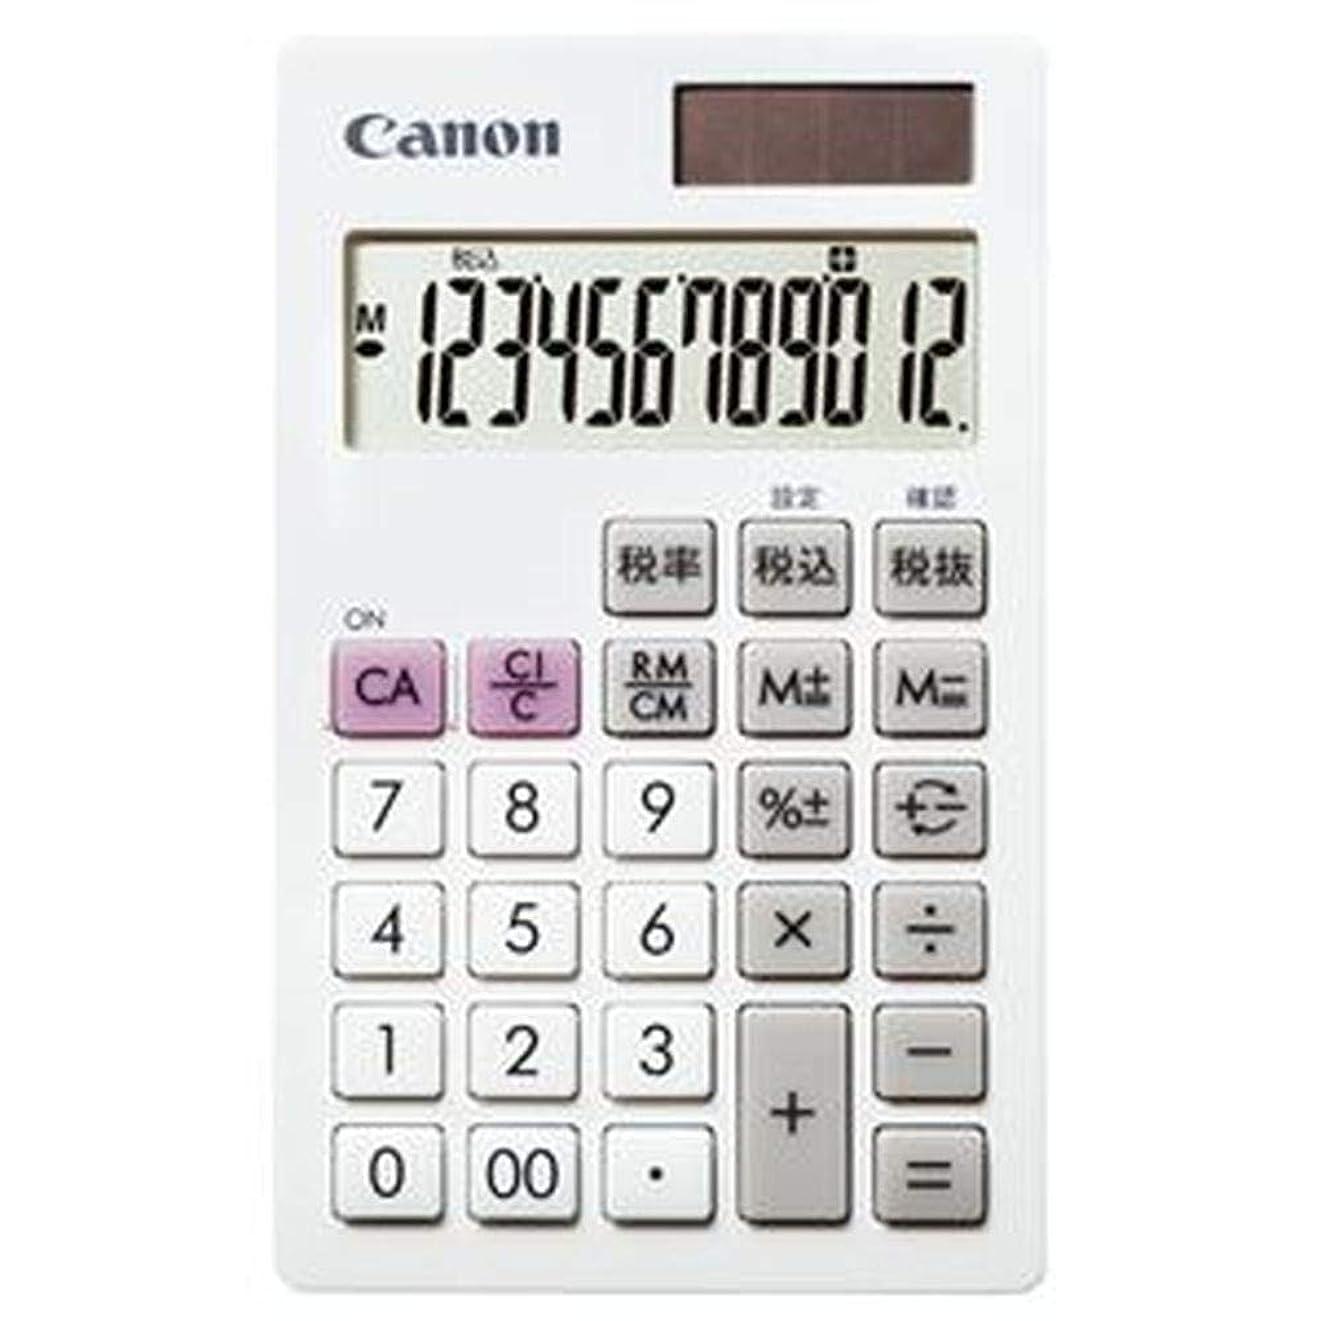 リブウェイドホールドオール==まとめ== キヤノン?電卓?LS-12T?12桁手帳サイズ?ホワイト?7427B002?1台-×5セット-